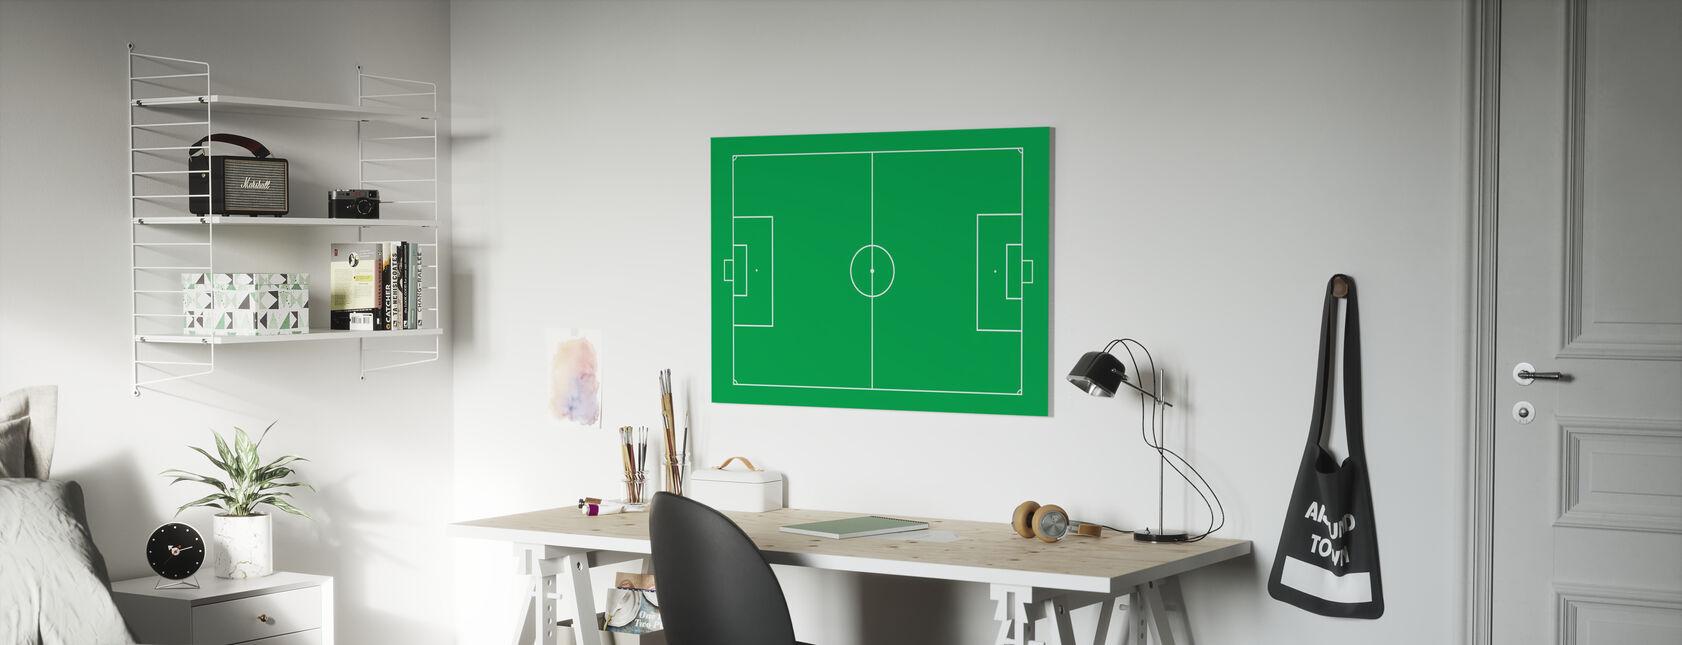 Terrain de football - Impression sur toile - Chambre des enfants